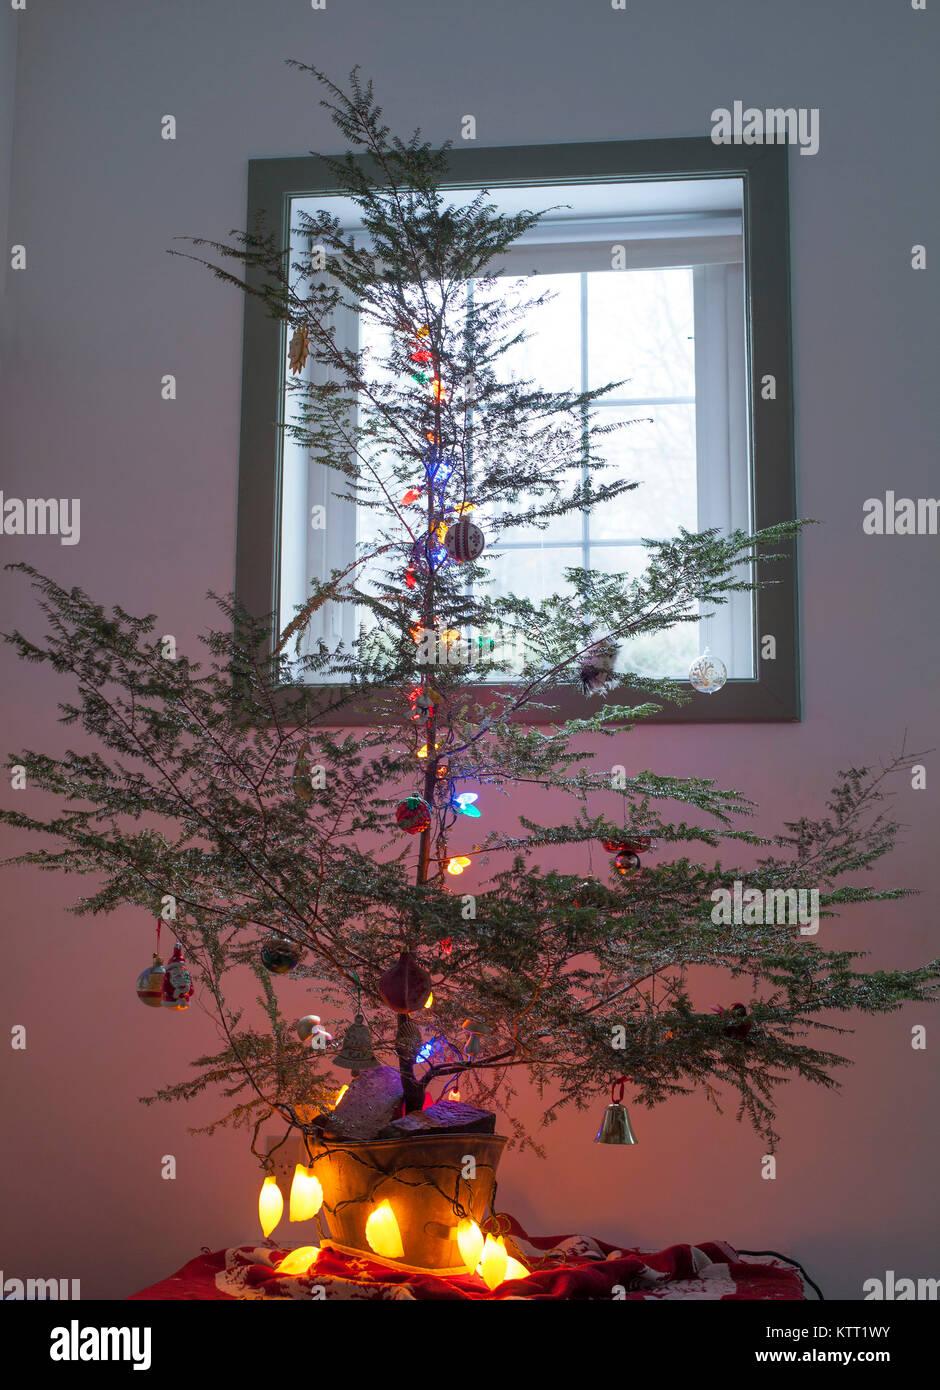 Weihnachtsbaum Nadeln.Eine Traurige Hemlock Weihnachtsbaum Verlieren Viele Nadeln